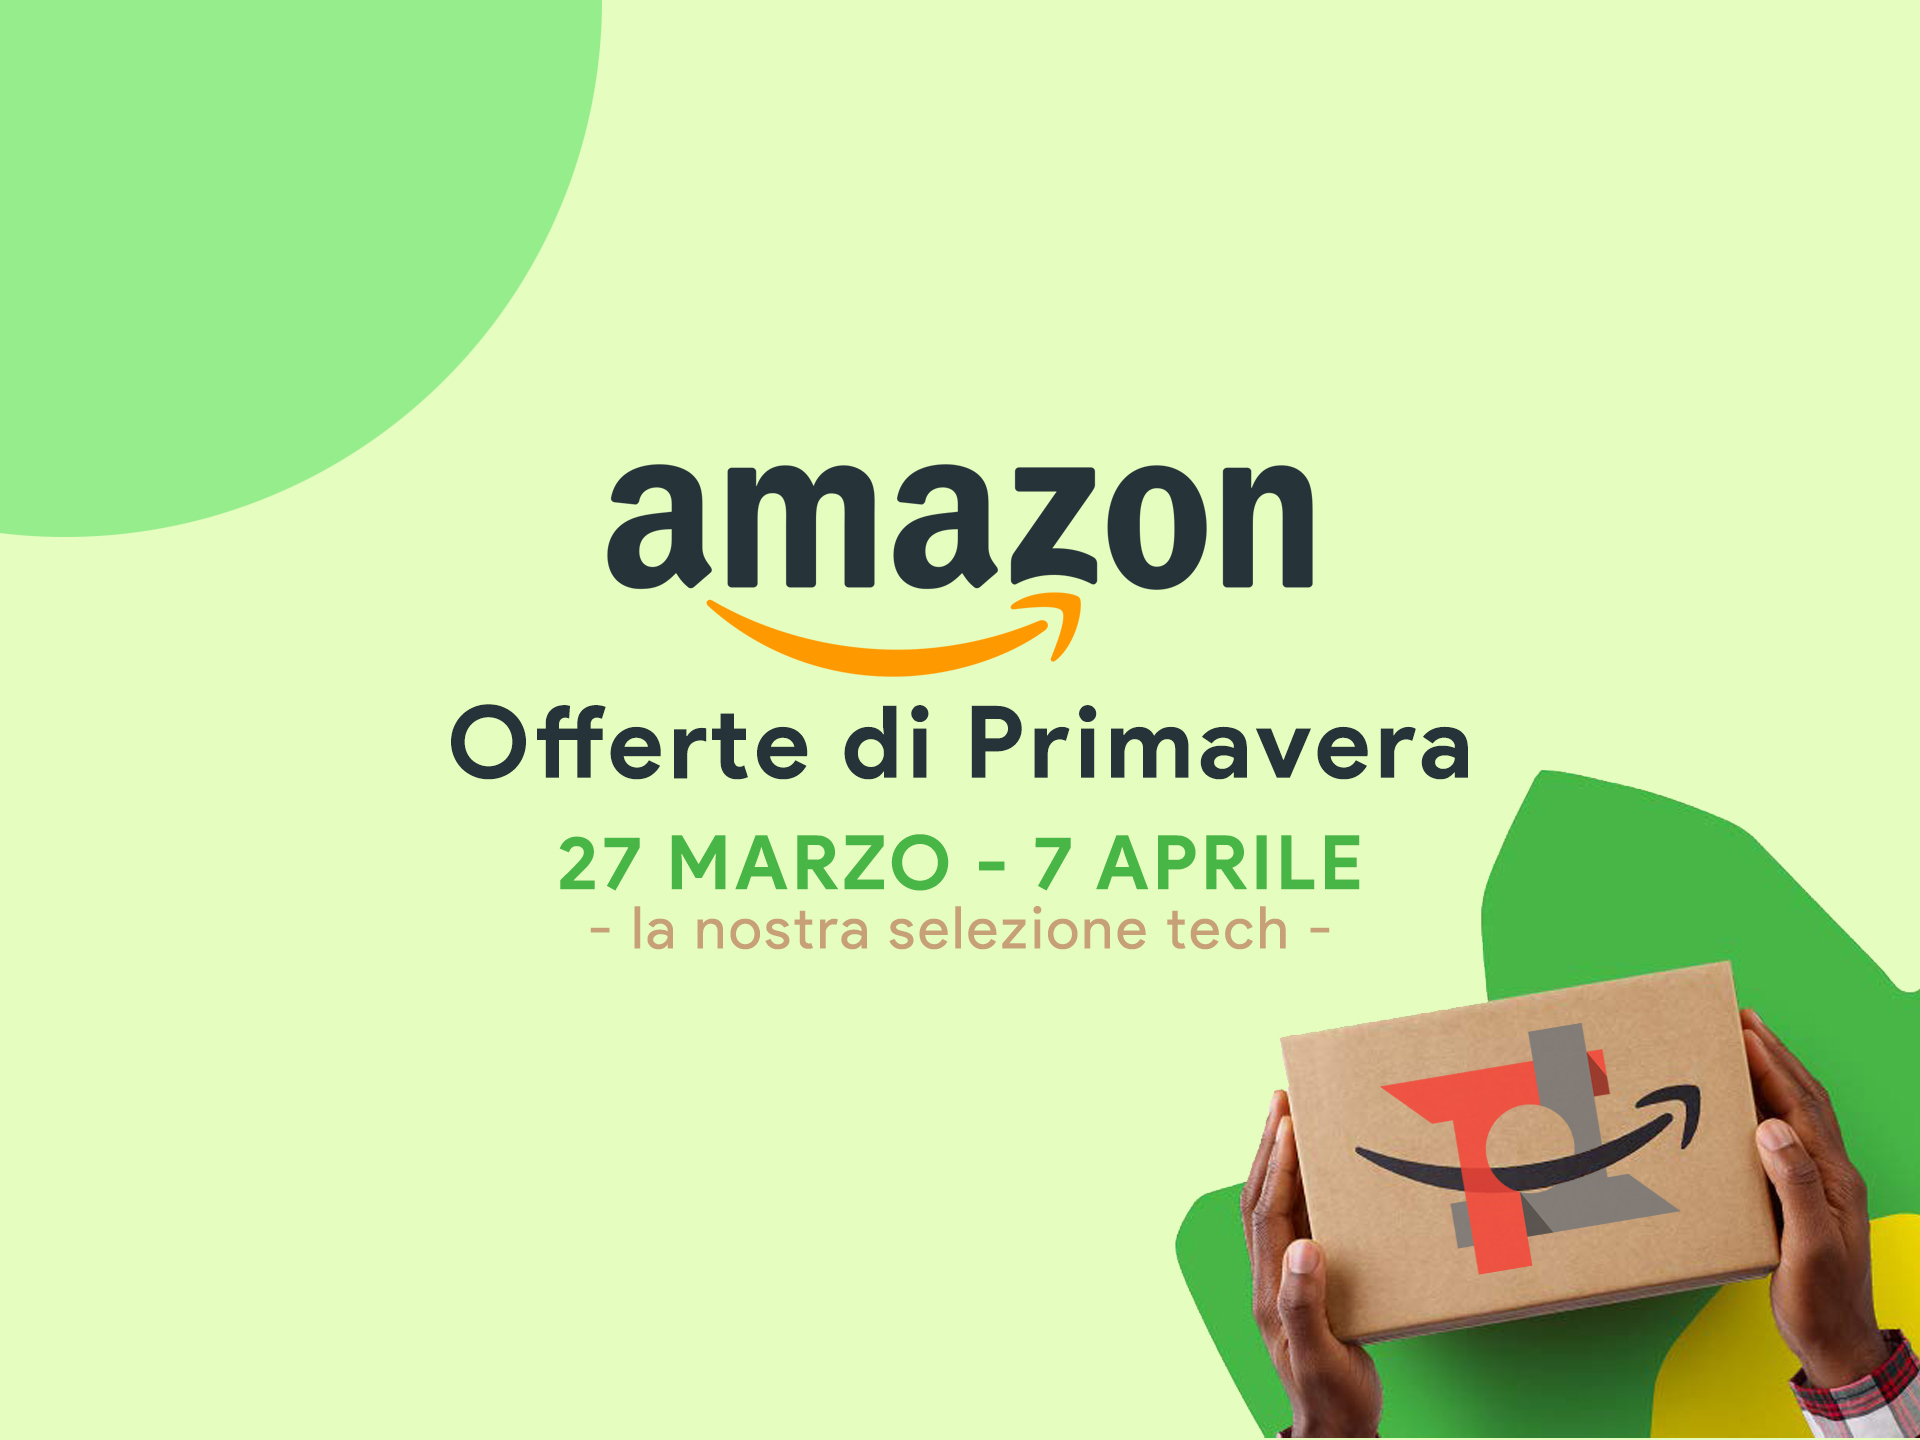 Le migliori offerte di primavera Amazon sulla tecnologia  e4e4753ca75b